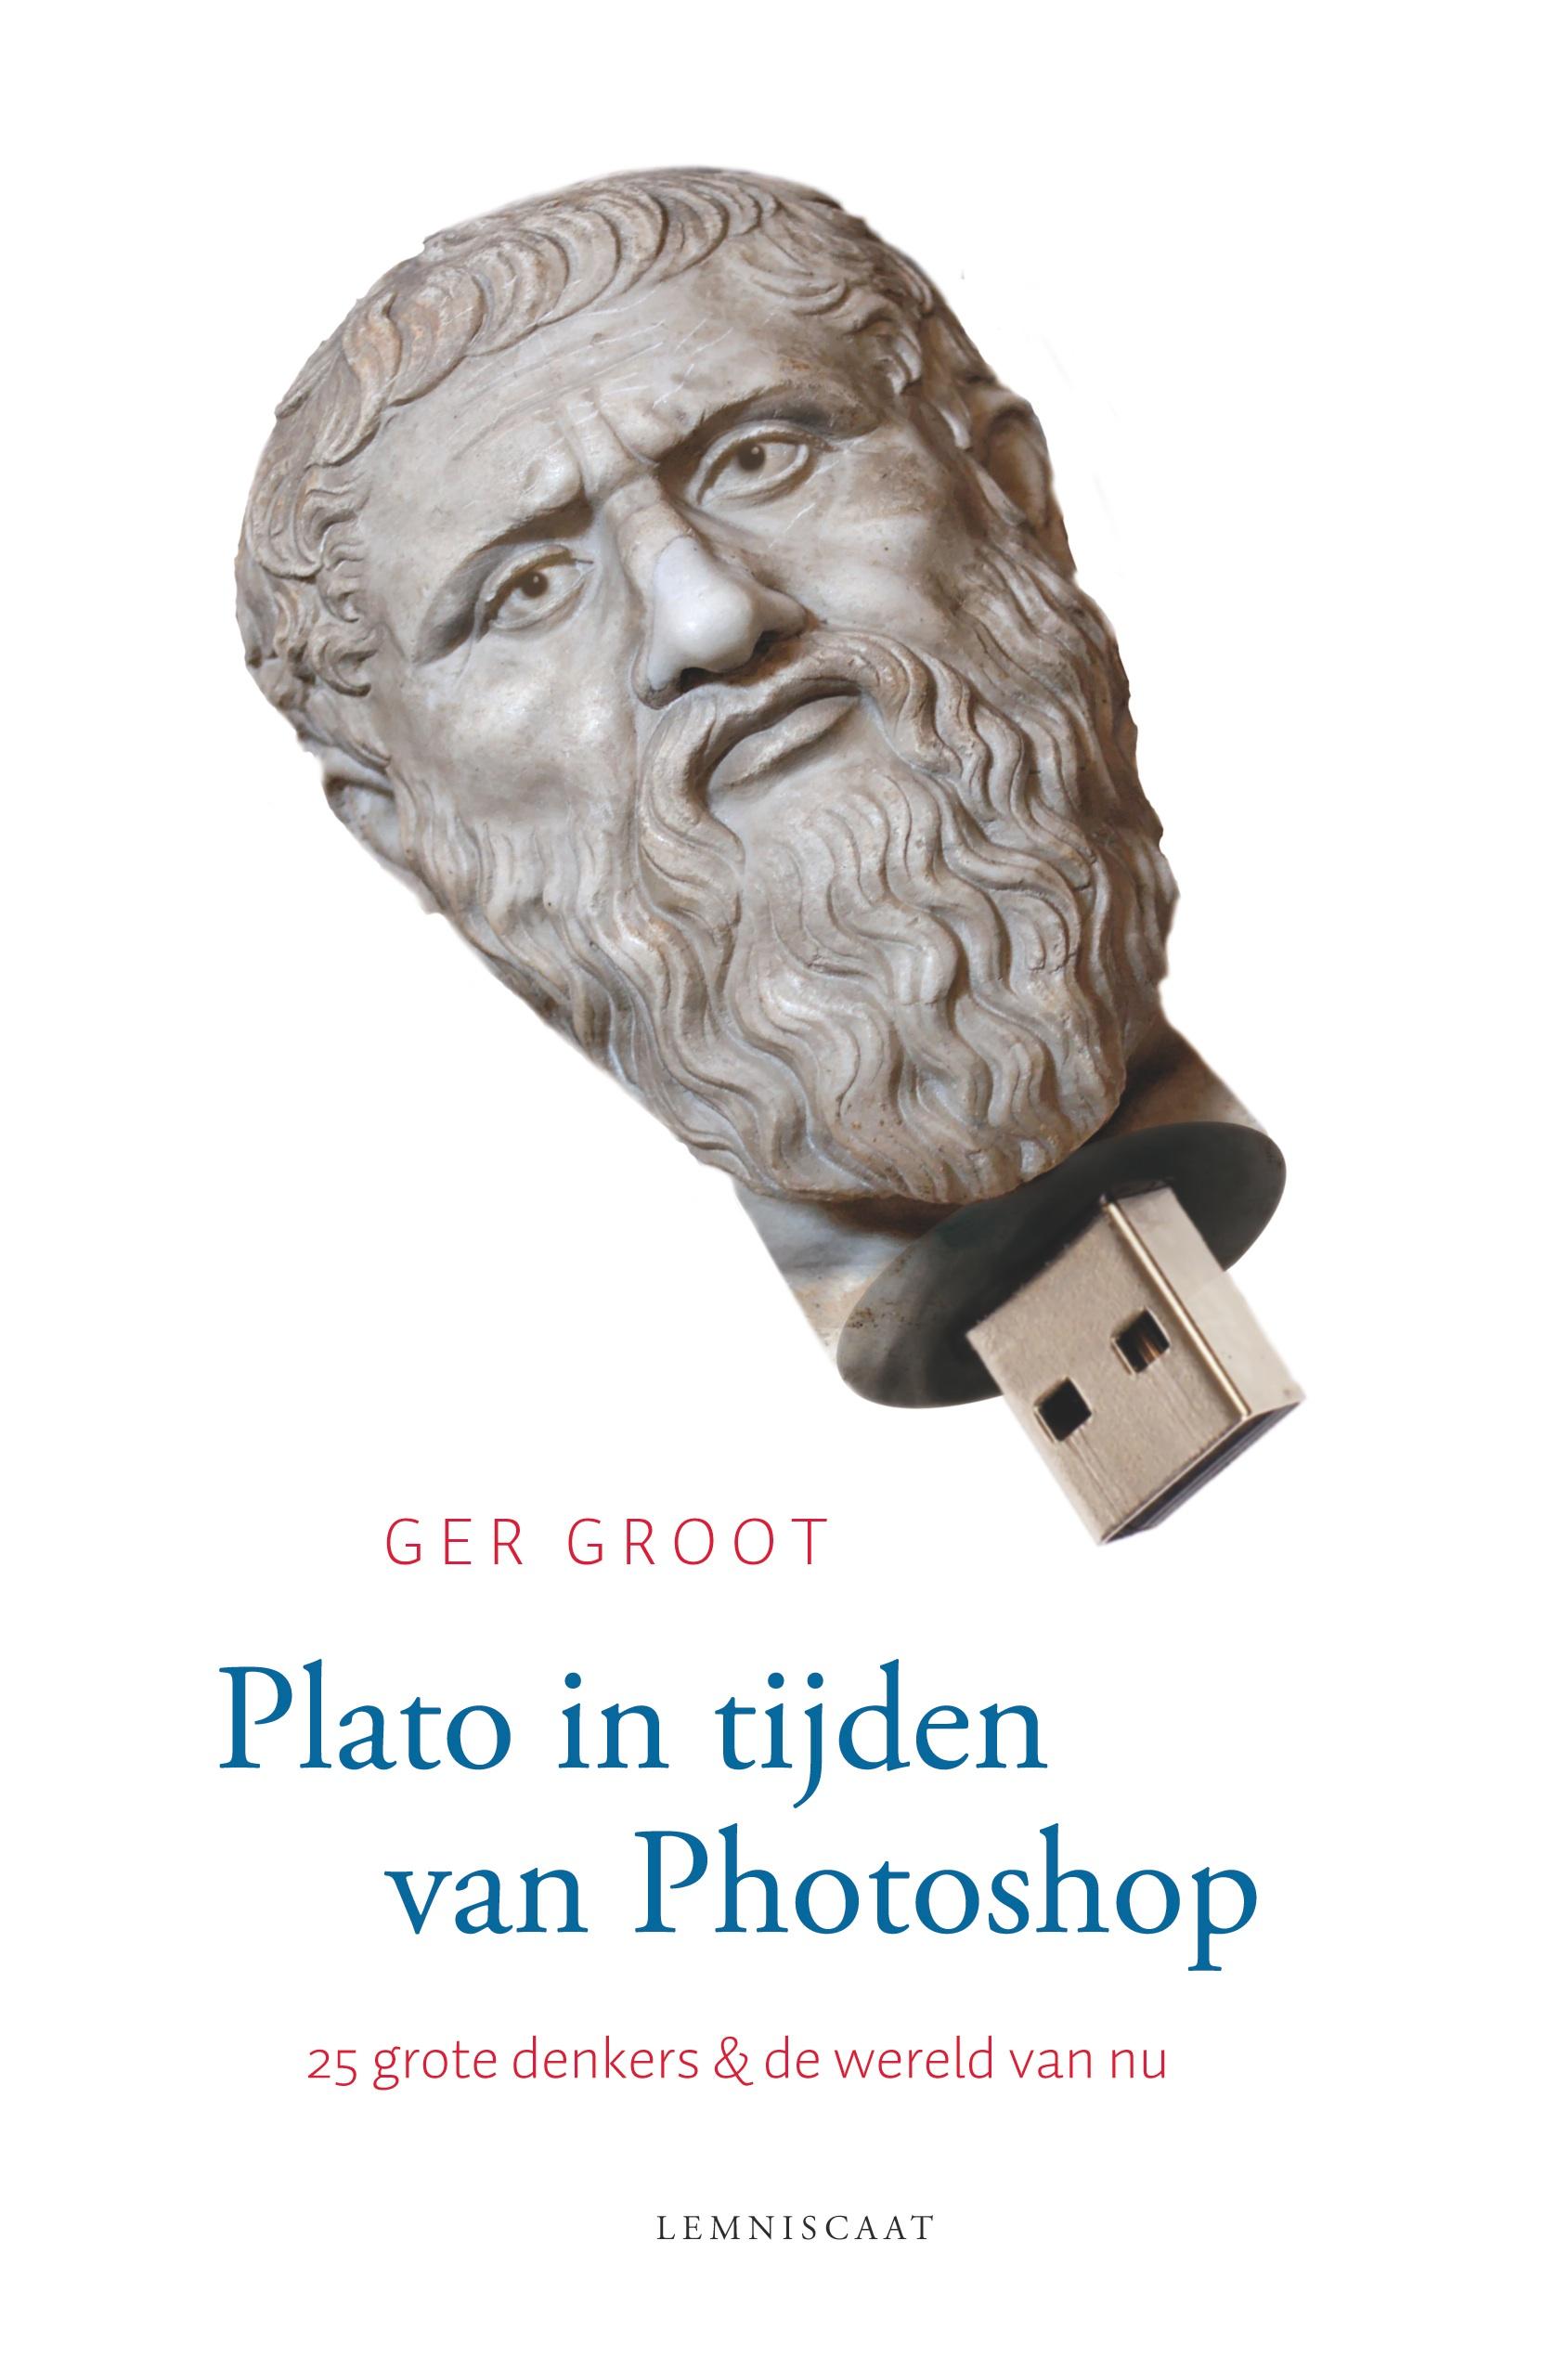 ISVW-iFilosofie #6 - Ger Groot, Plato in tijden vna Photoshop. 25 Grote denkers & de wereld van nu